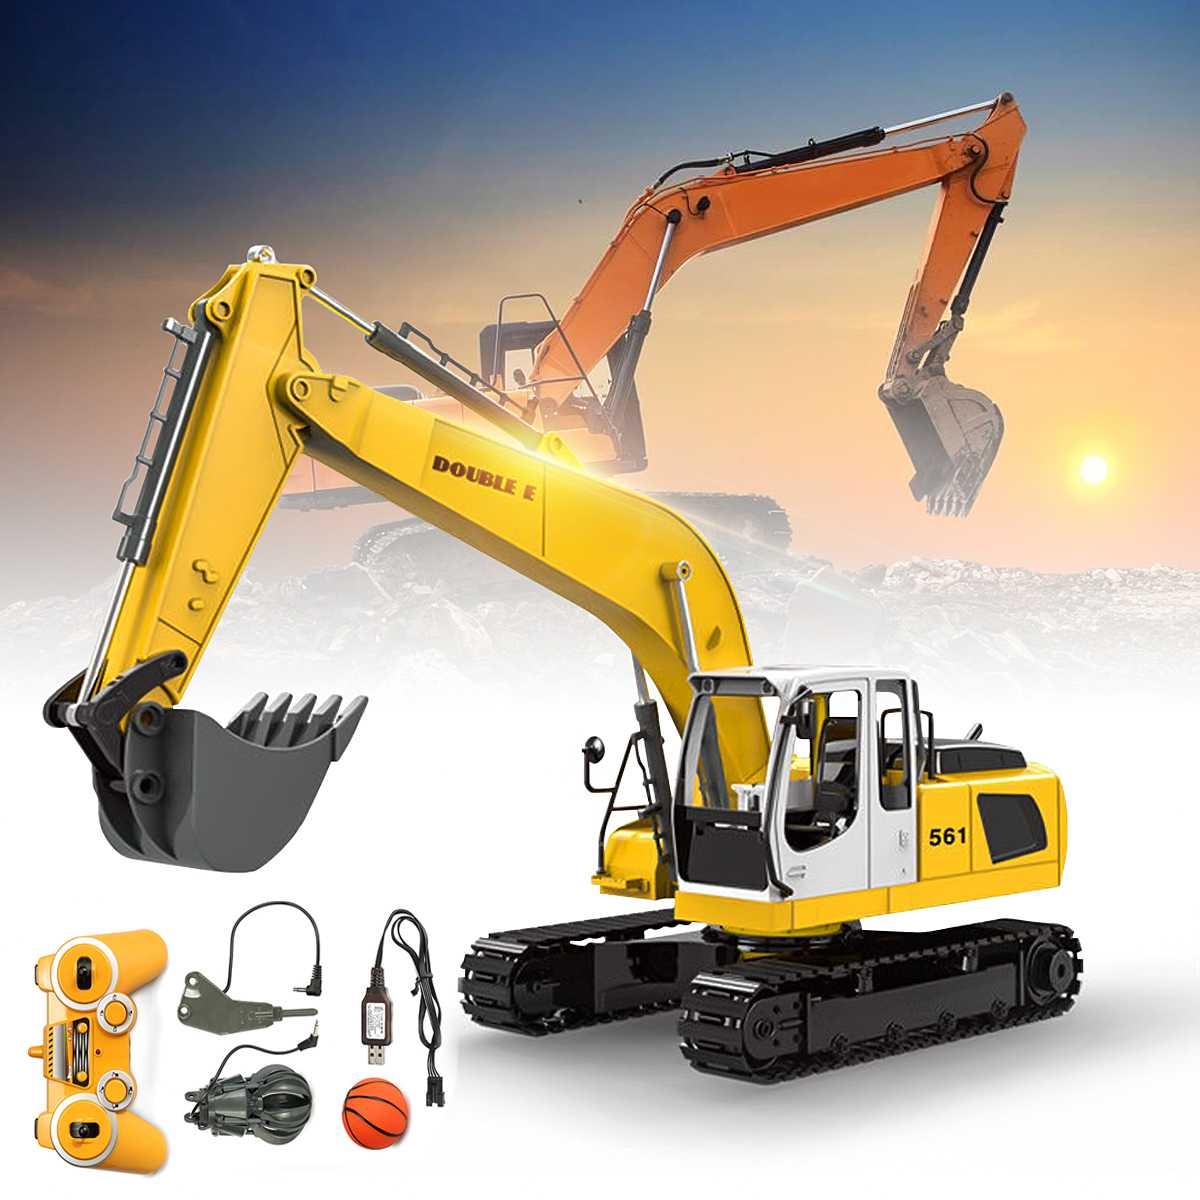 17 canaux 2.4G RC pelle jouets enfants garçons RC camion jouets cadeaux électronique RC ingénierie voiture tracteur pelle sur chenilles modèle